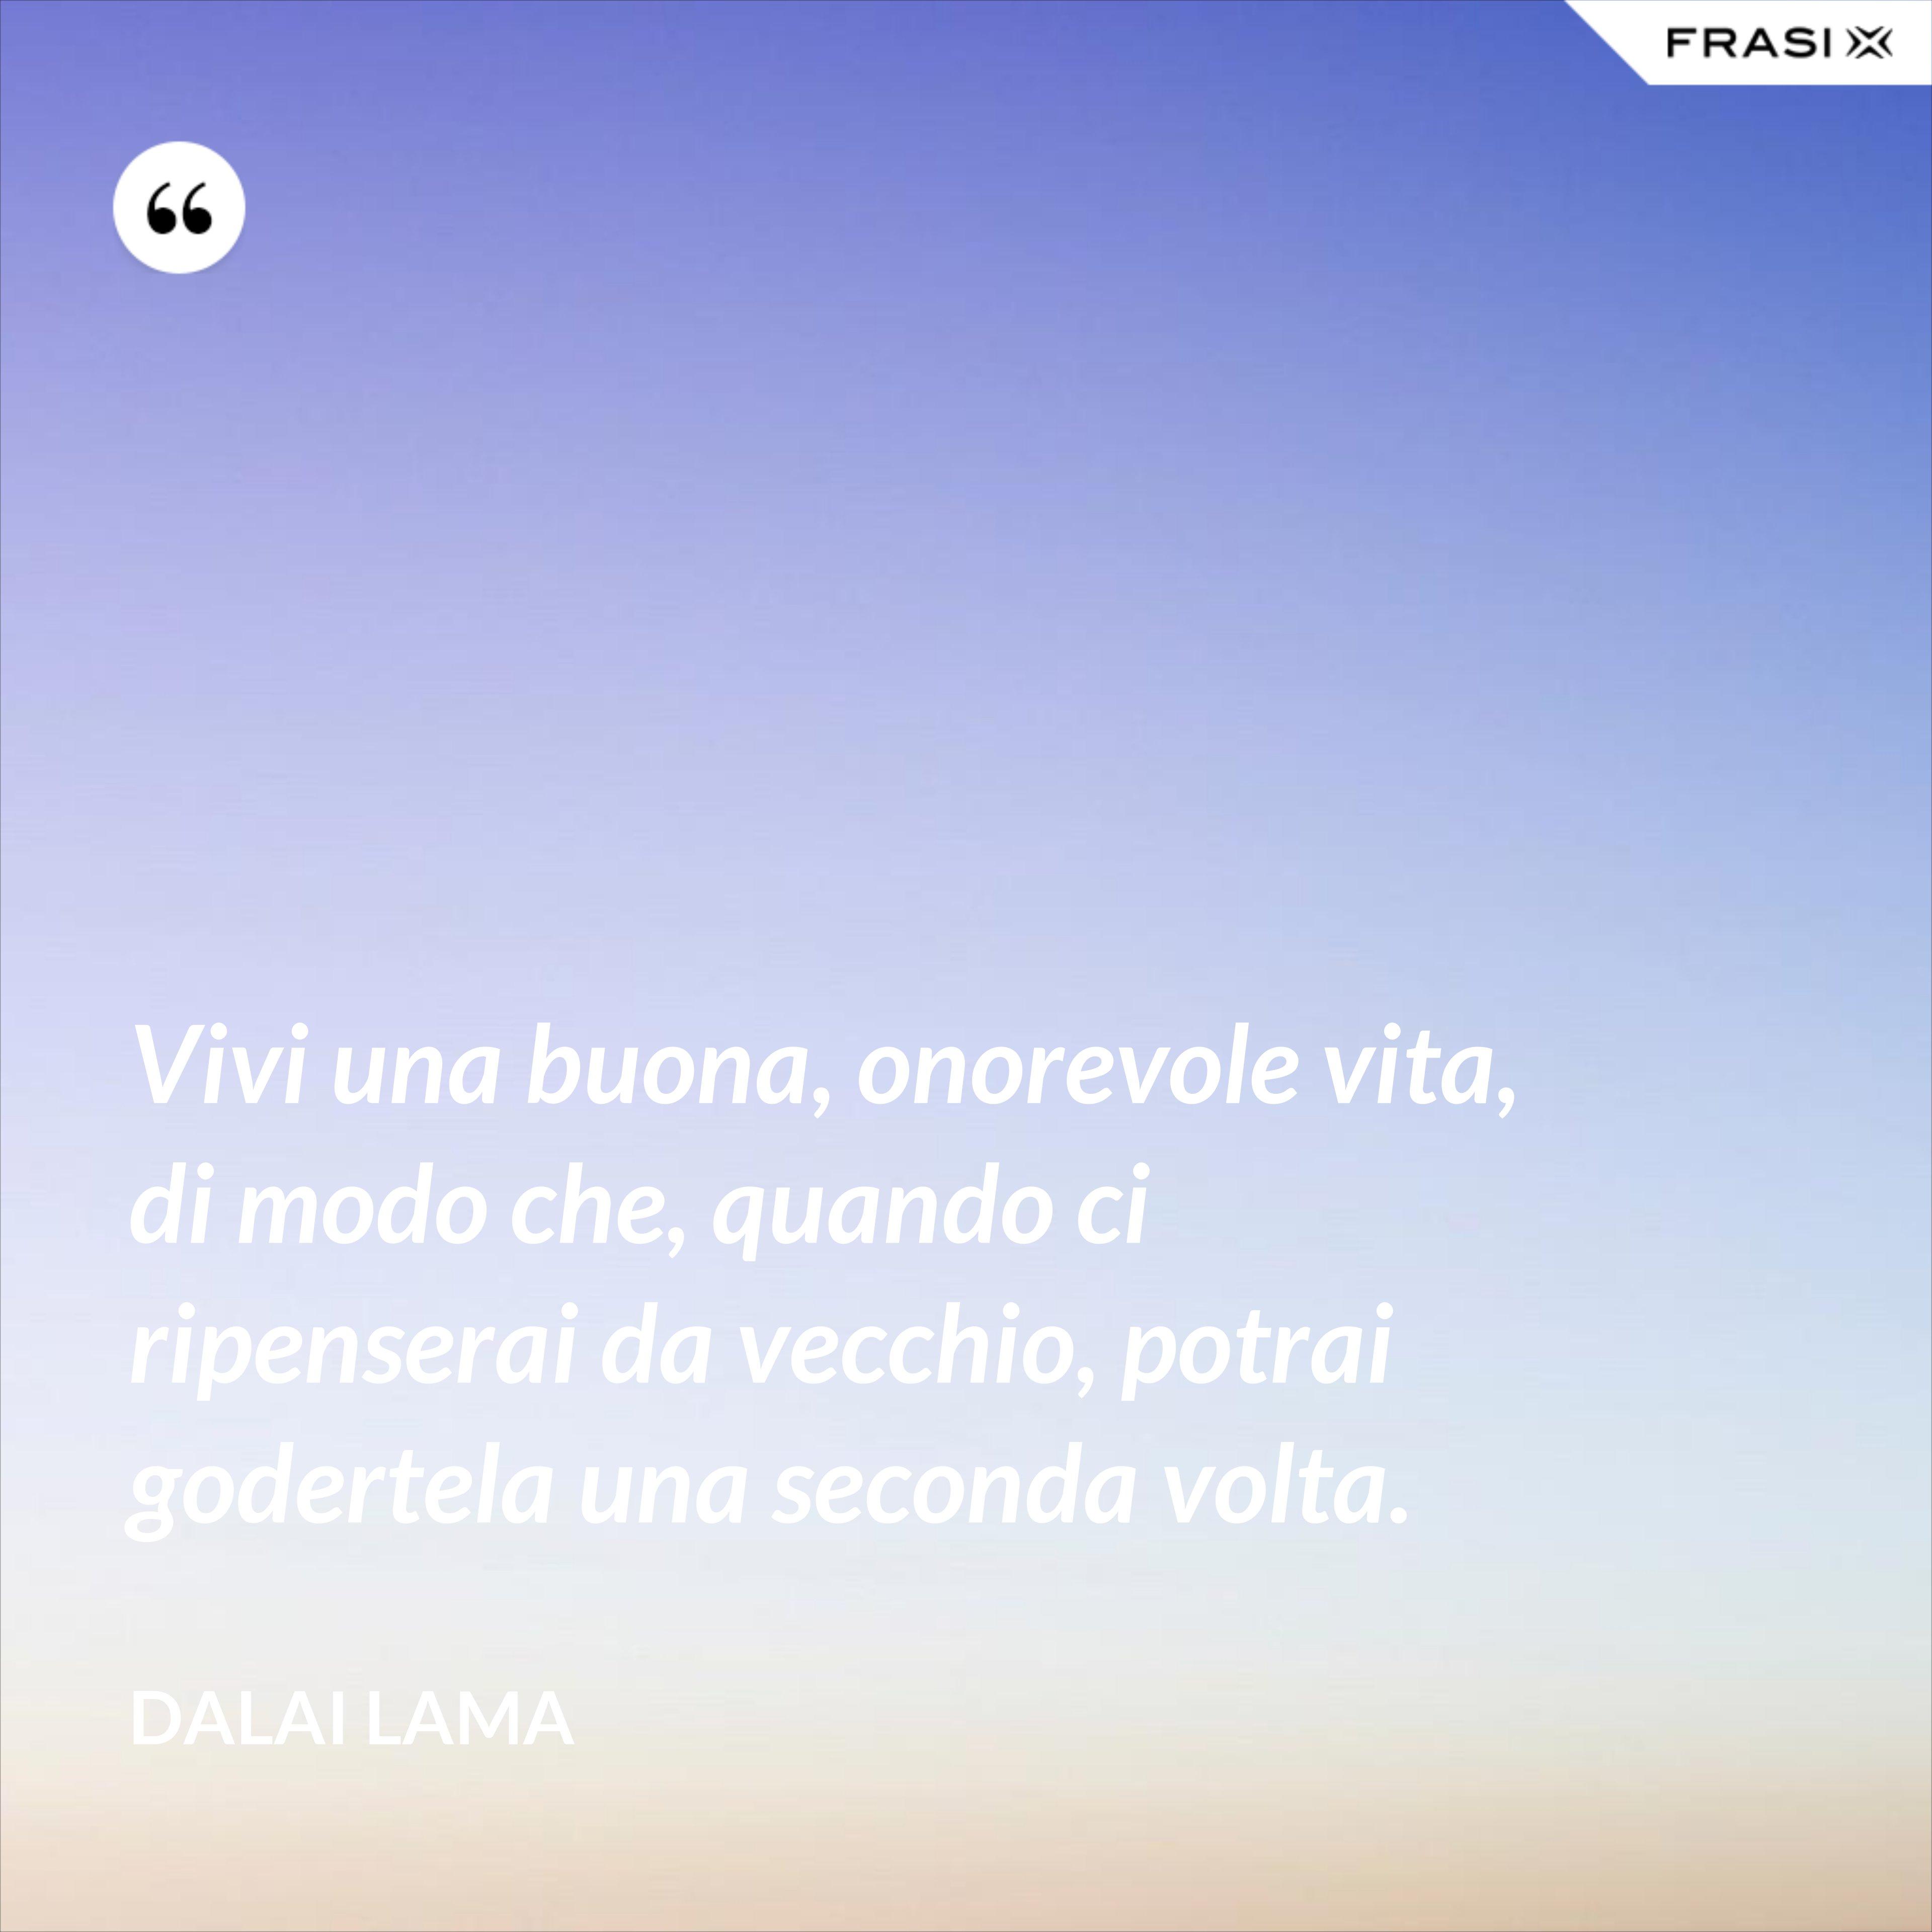 Vivi una buona, onorevole vita, di modo che, quando ci ripenserai da vecchio, potrai godertela una seconda volta. - Dalai Lama